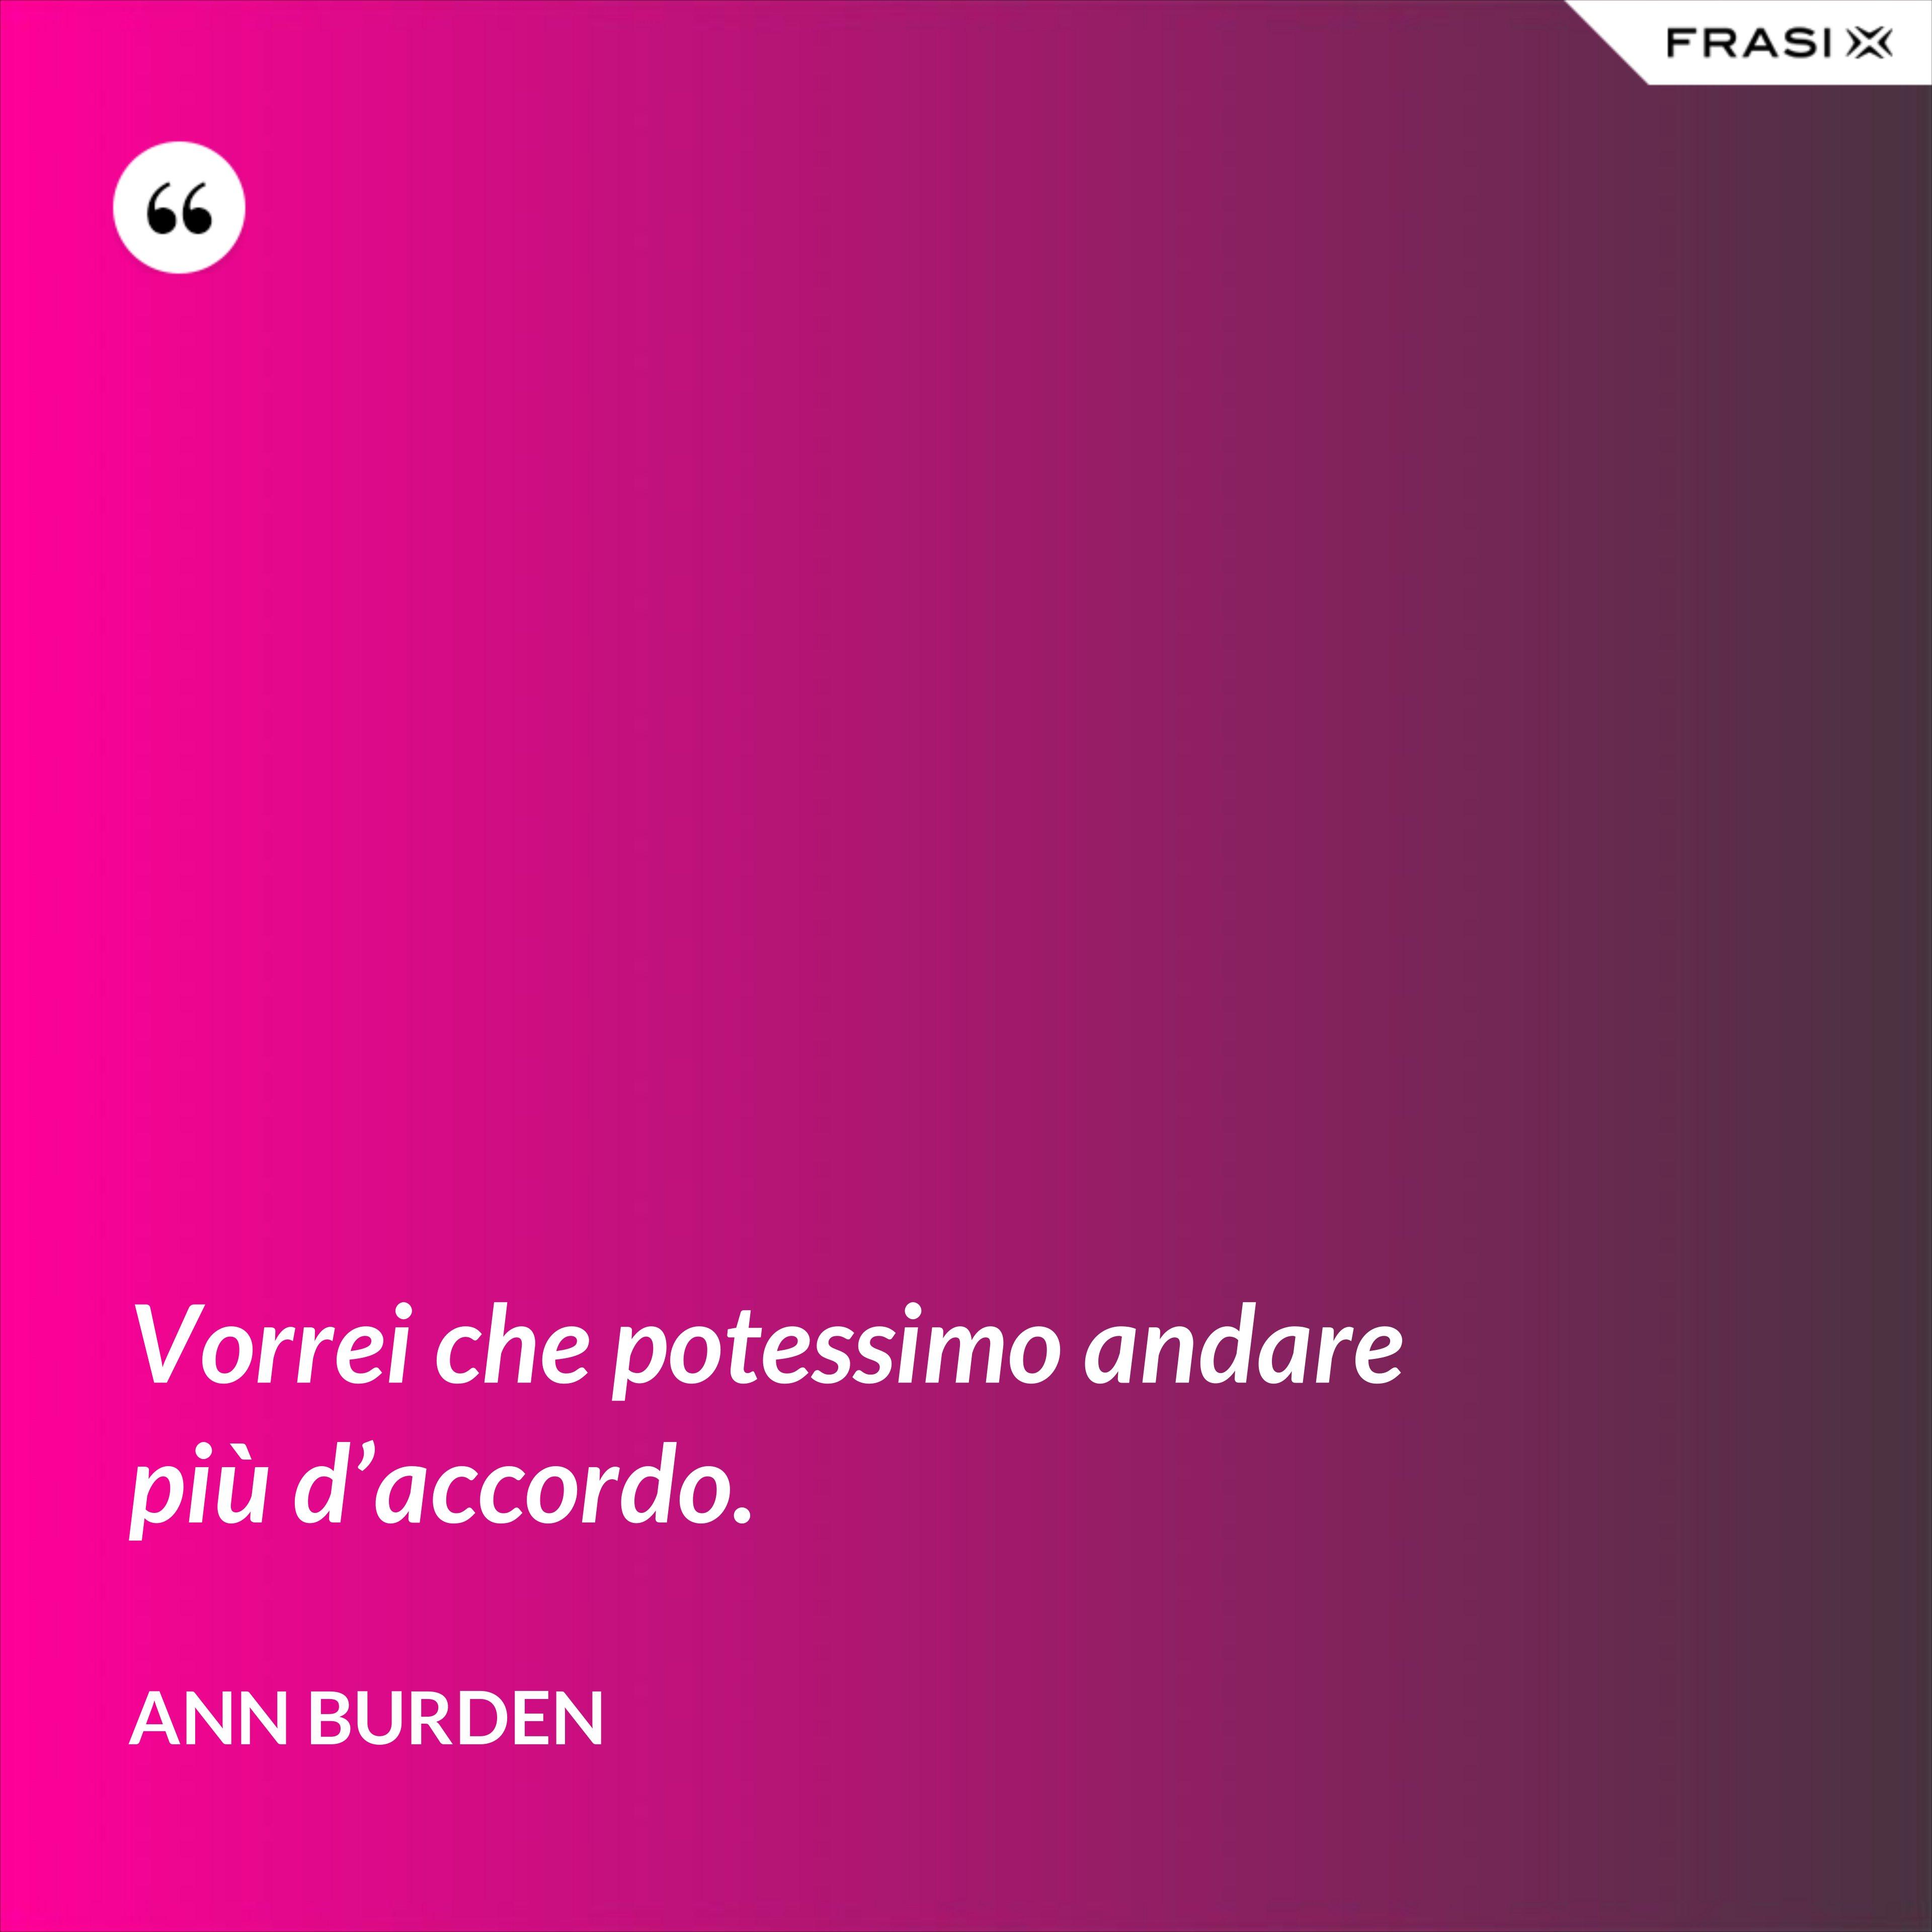 Vorrei che potessimo andare più d'accordo. - Ann Burden